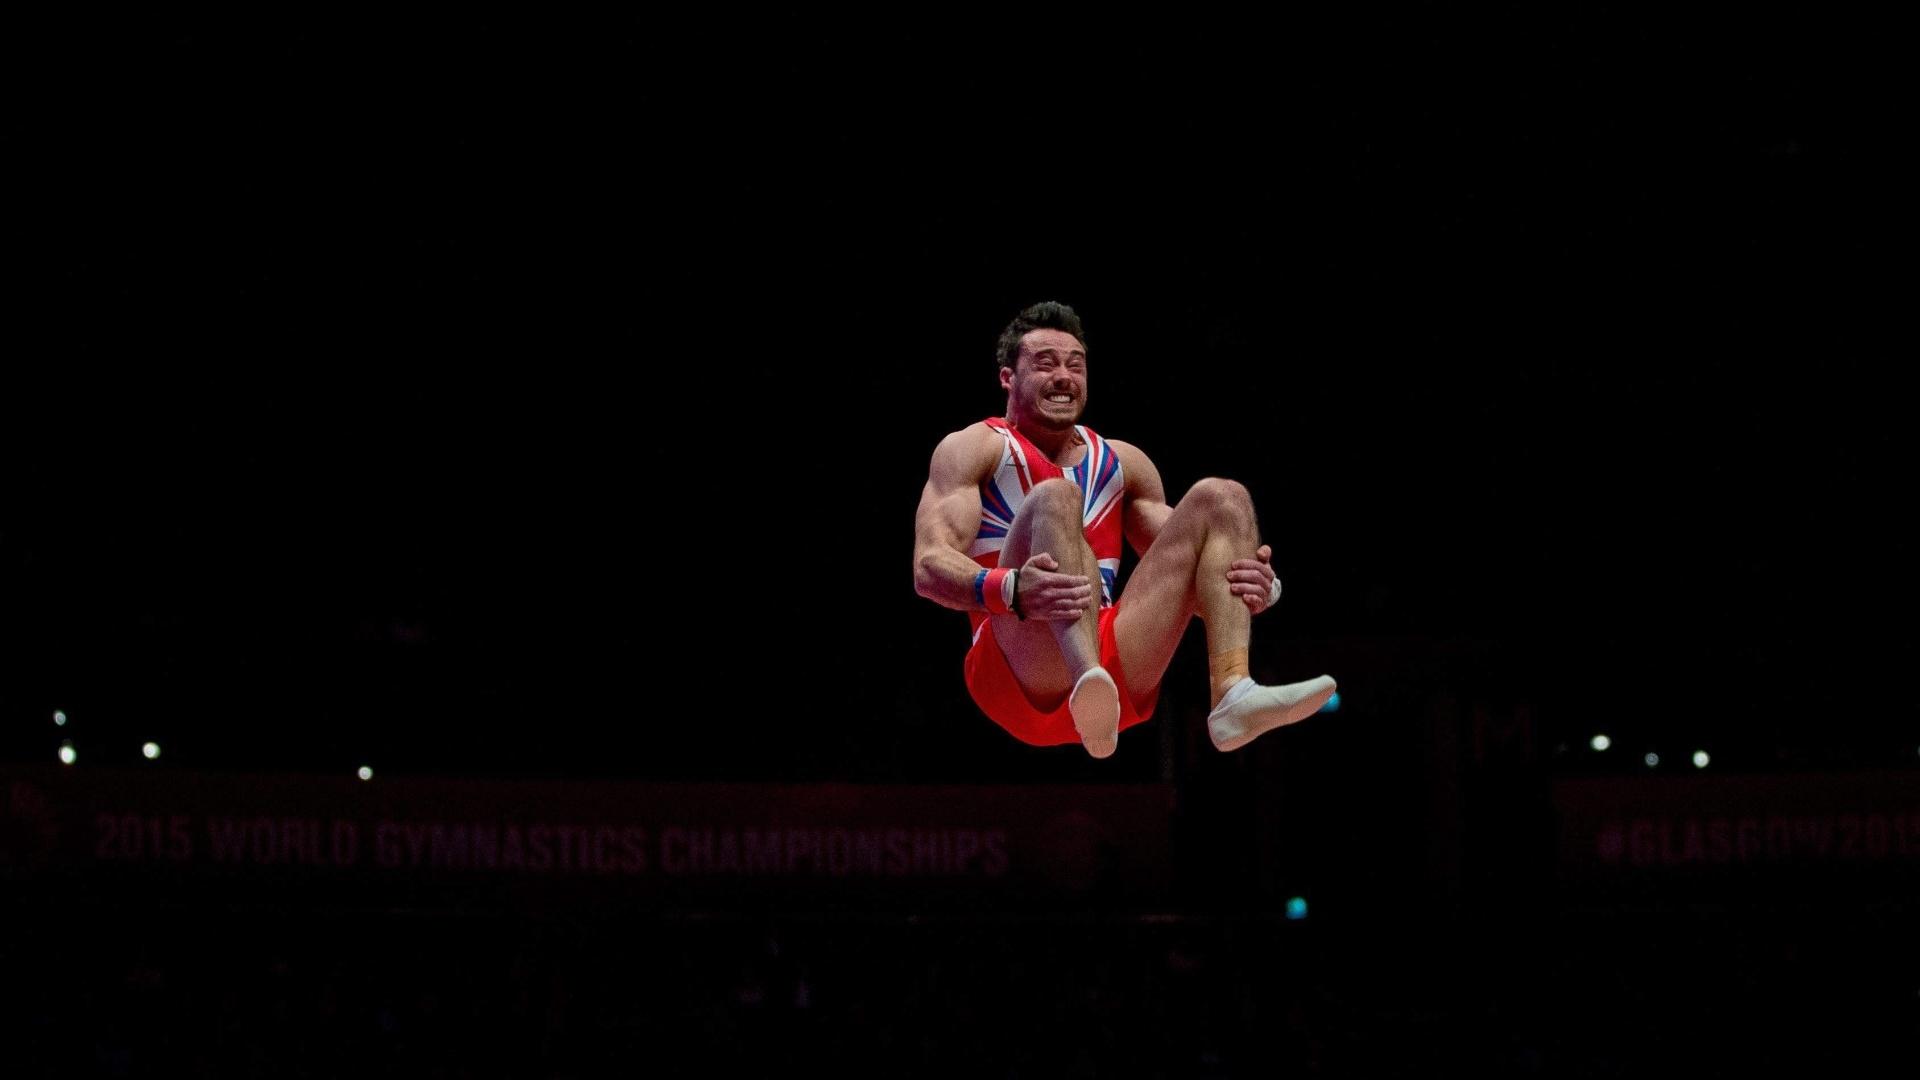 O britânico Thomas Kristian faz suas manobras durante o mundial de ginástica